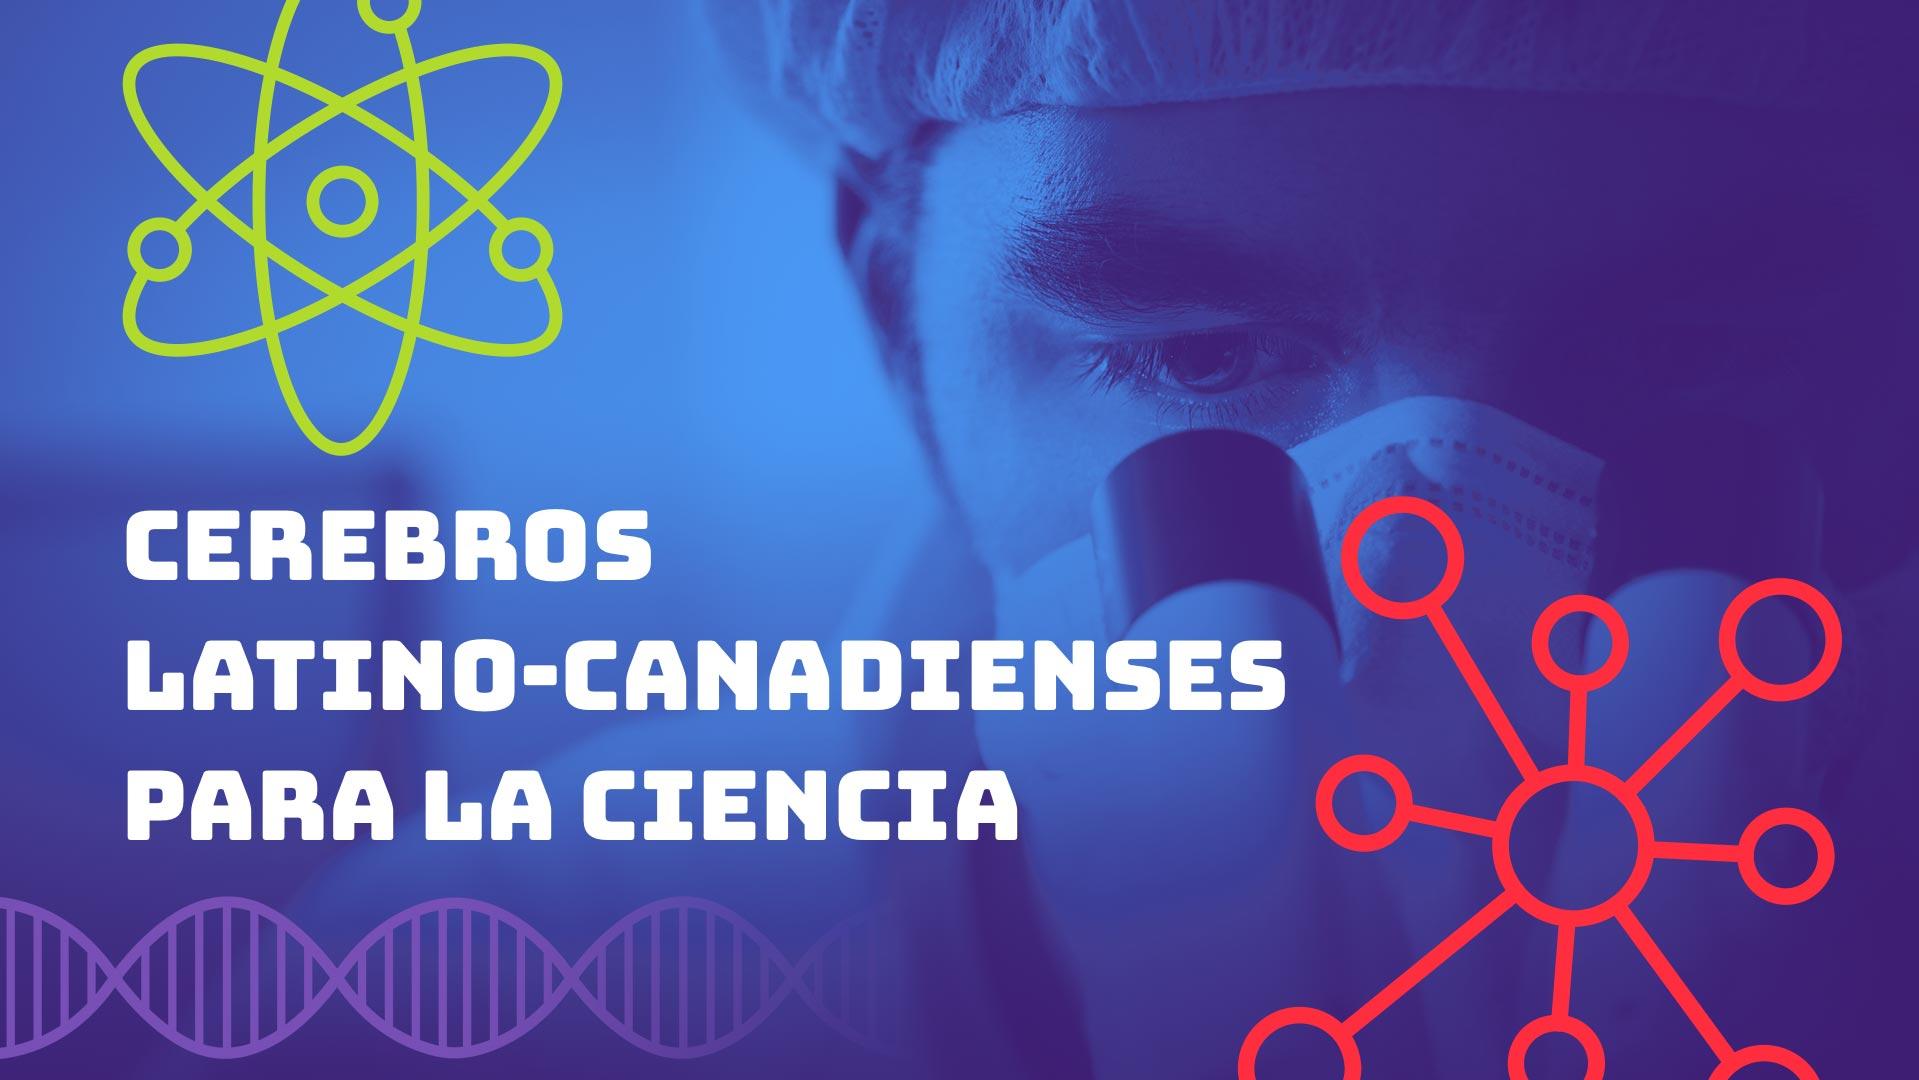 """el texto """"Cerebros latino-Canadienses para la ciencia"""" en blanco acompañado de varios símbolos científicos con el fondo de una fotografía del investigador"""